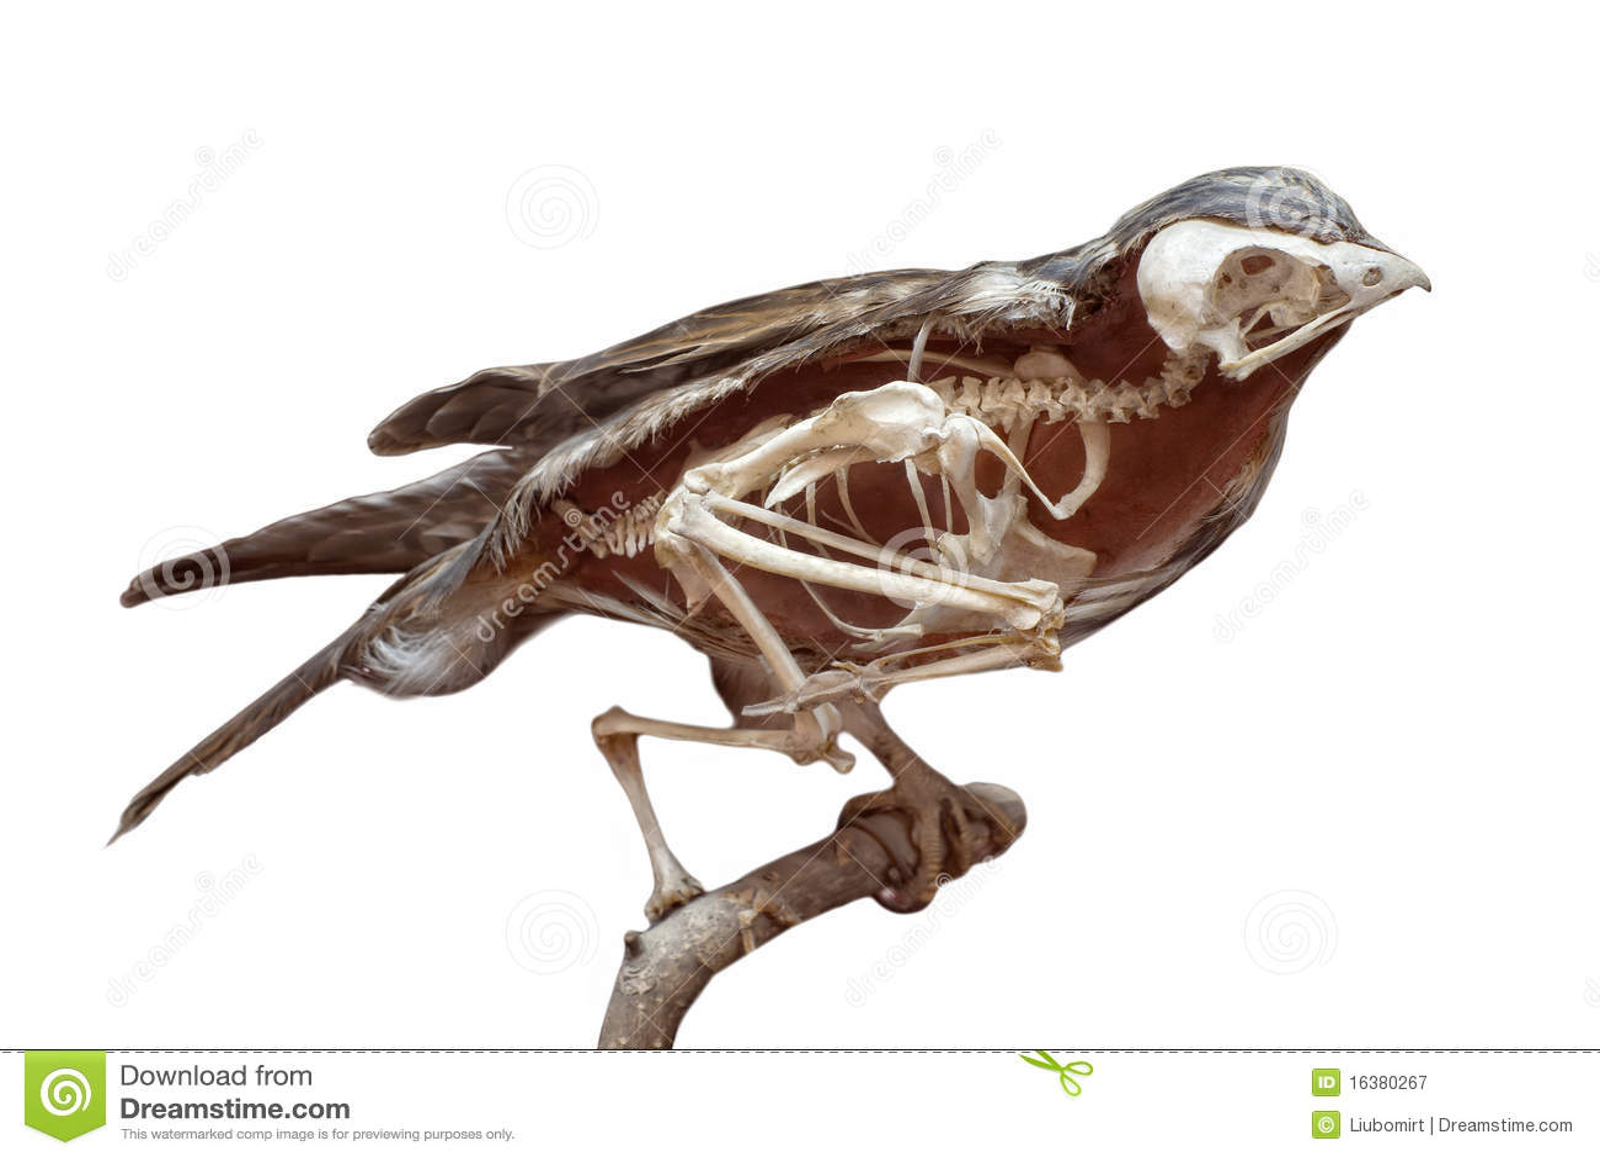 bird bone structure diagram 240v receptacle wiring zergliederter vogel mit dem skelett lizenzfreie